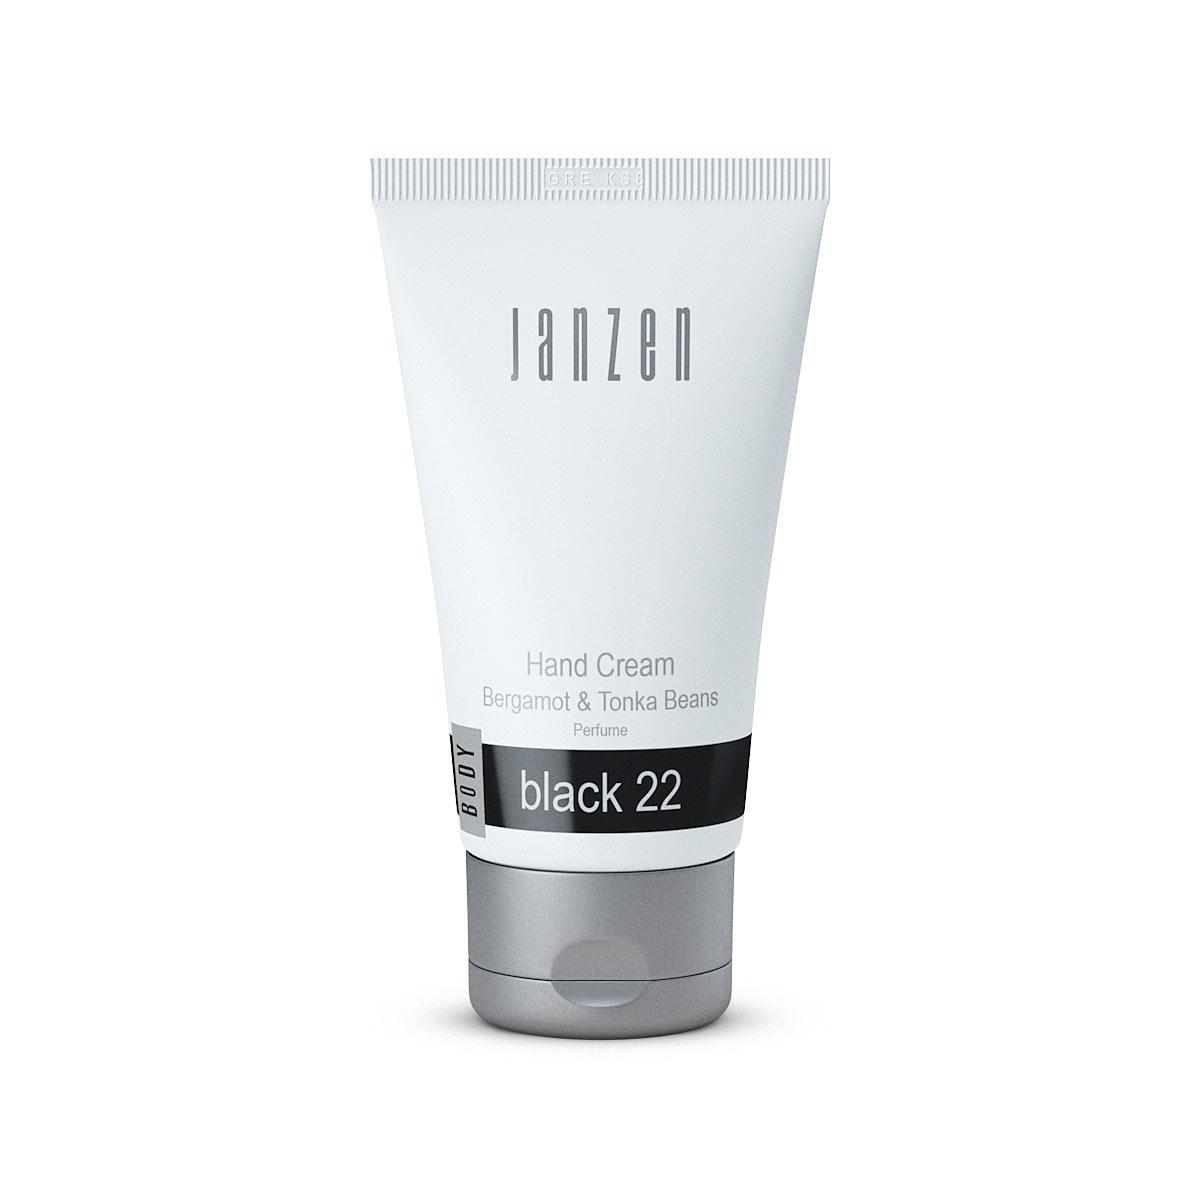 JANZEN Hand Cream Black 22